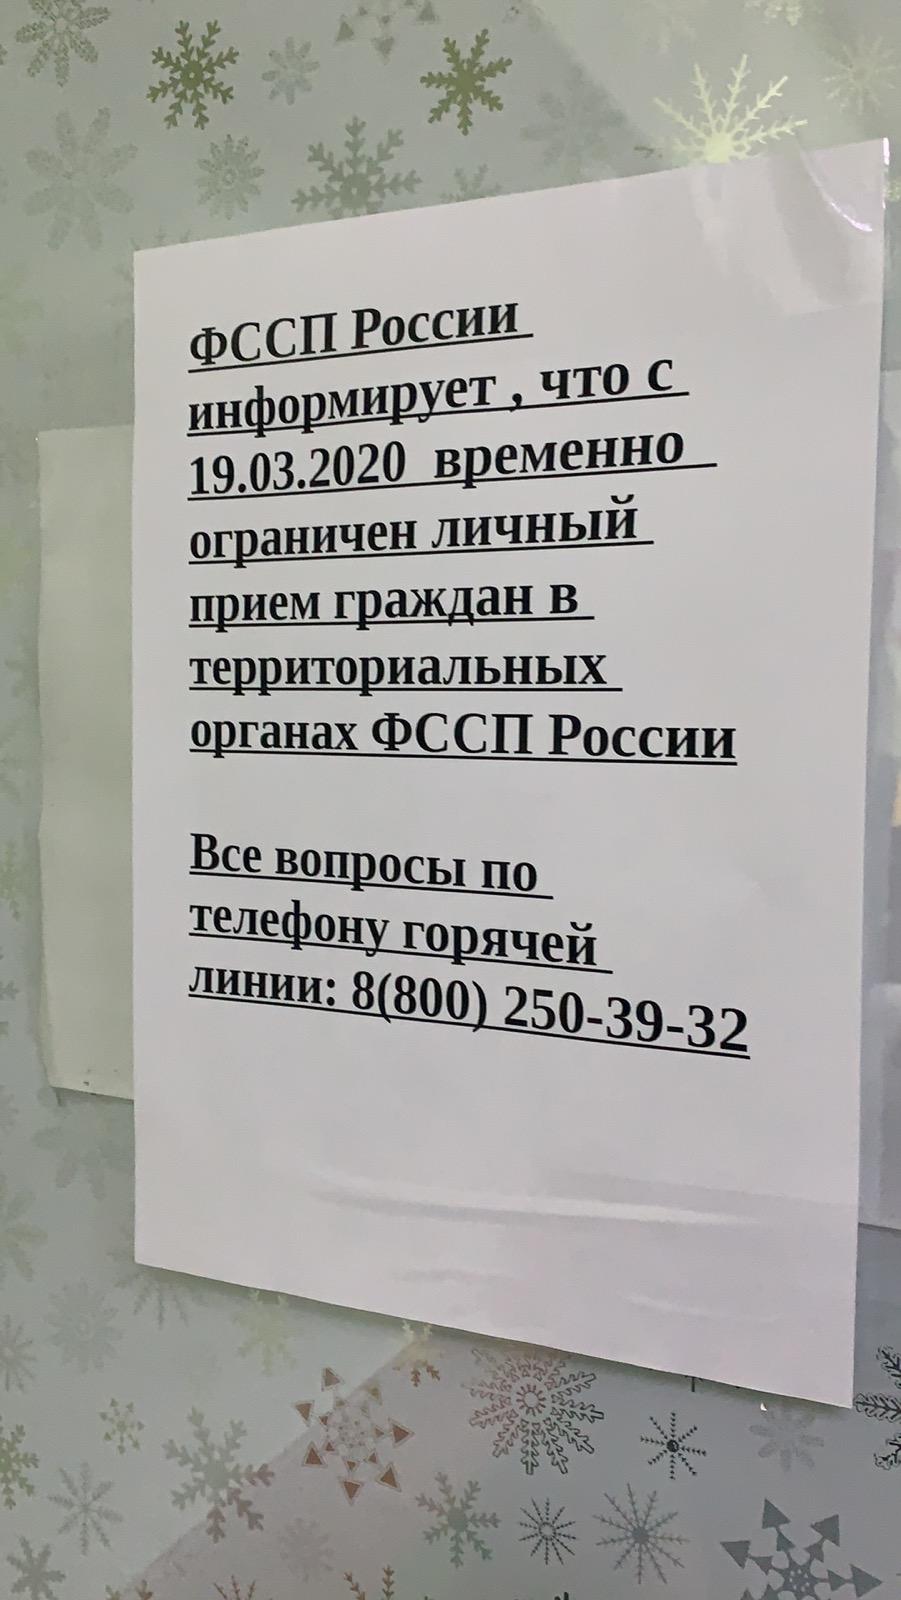 Такое объявление появилось у приставов в Калининском районе, но сейчас его сняли, потому как в нём указан не корректный телефон